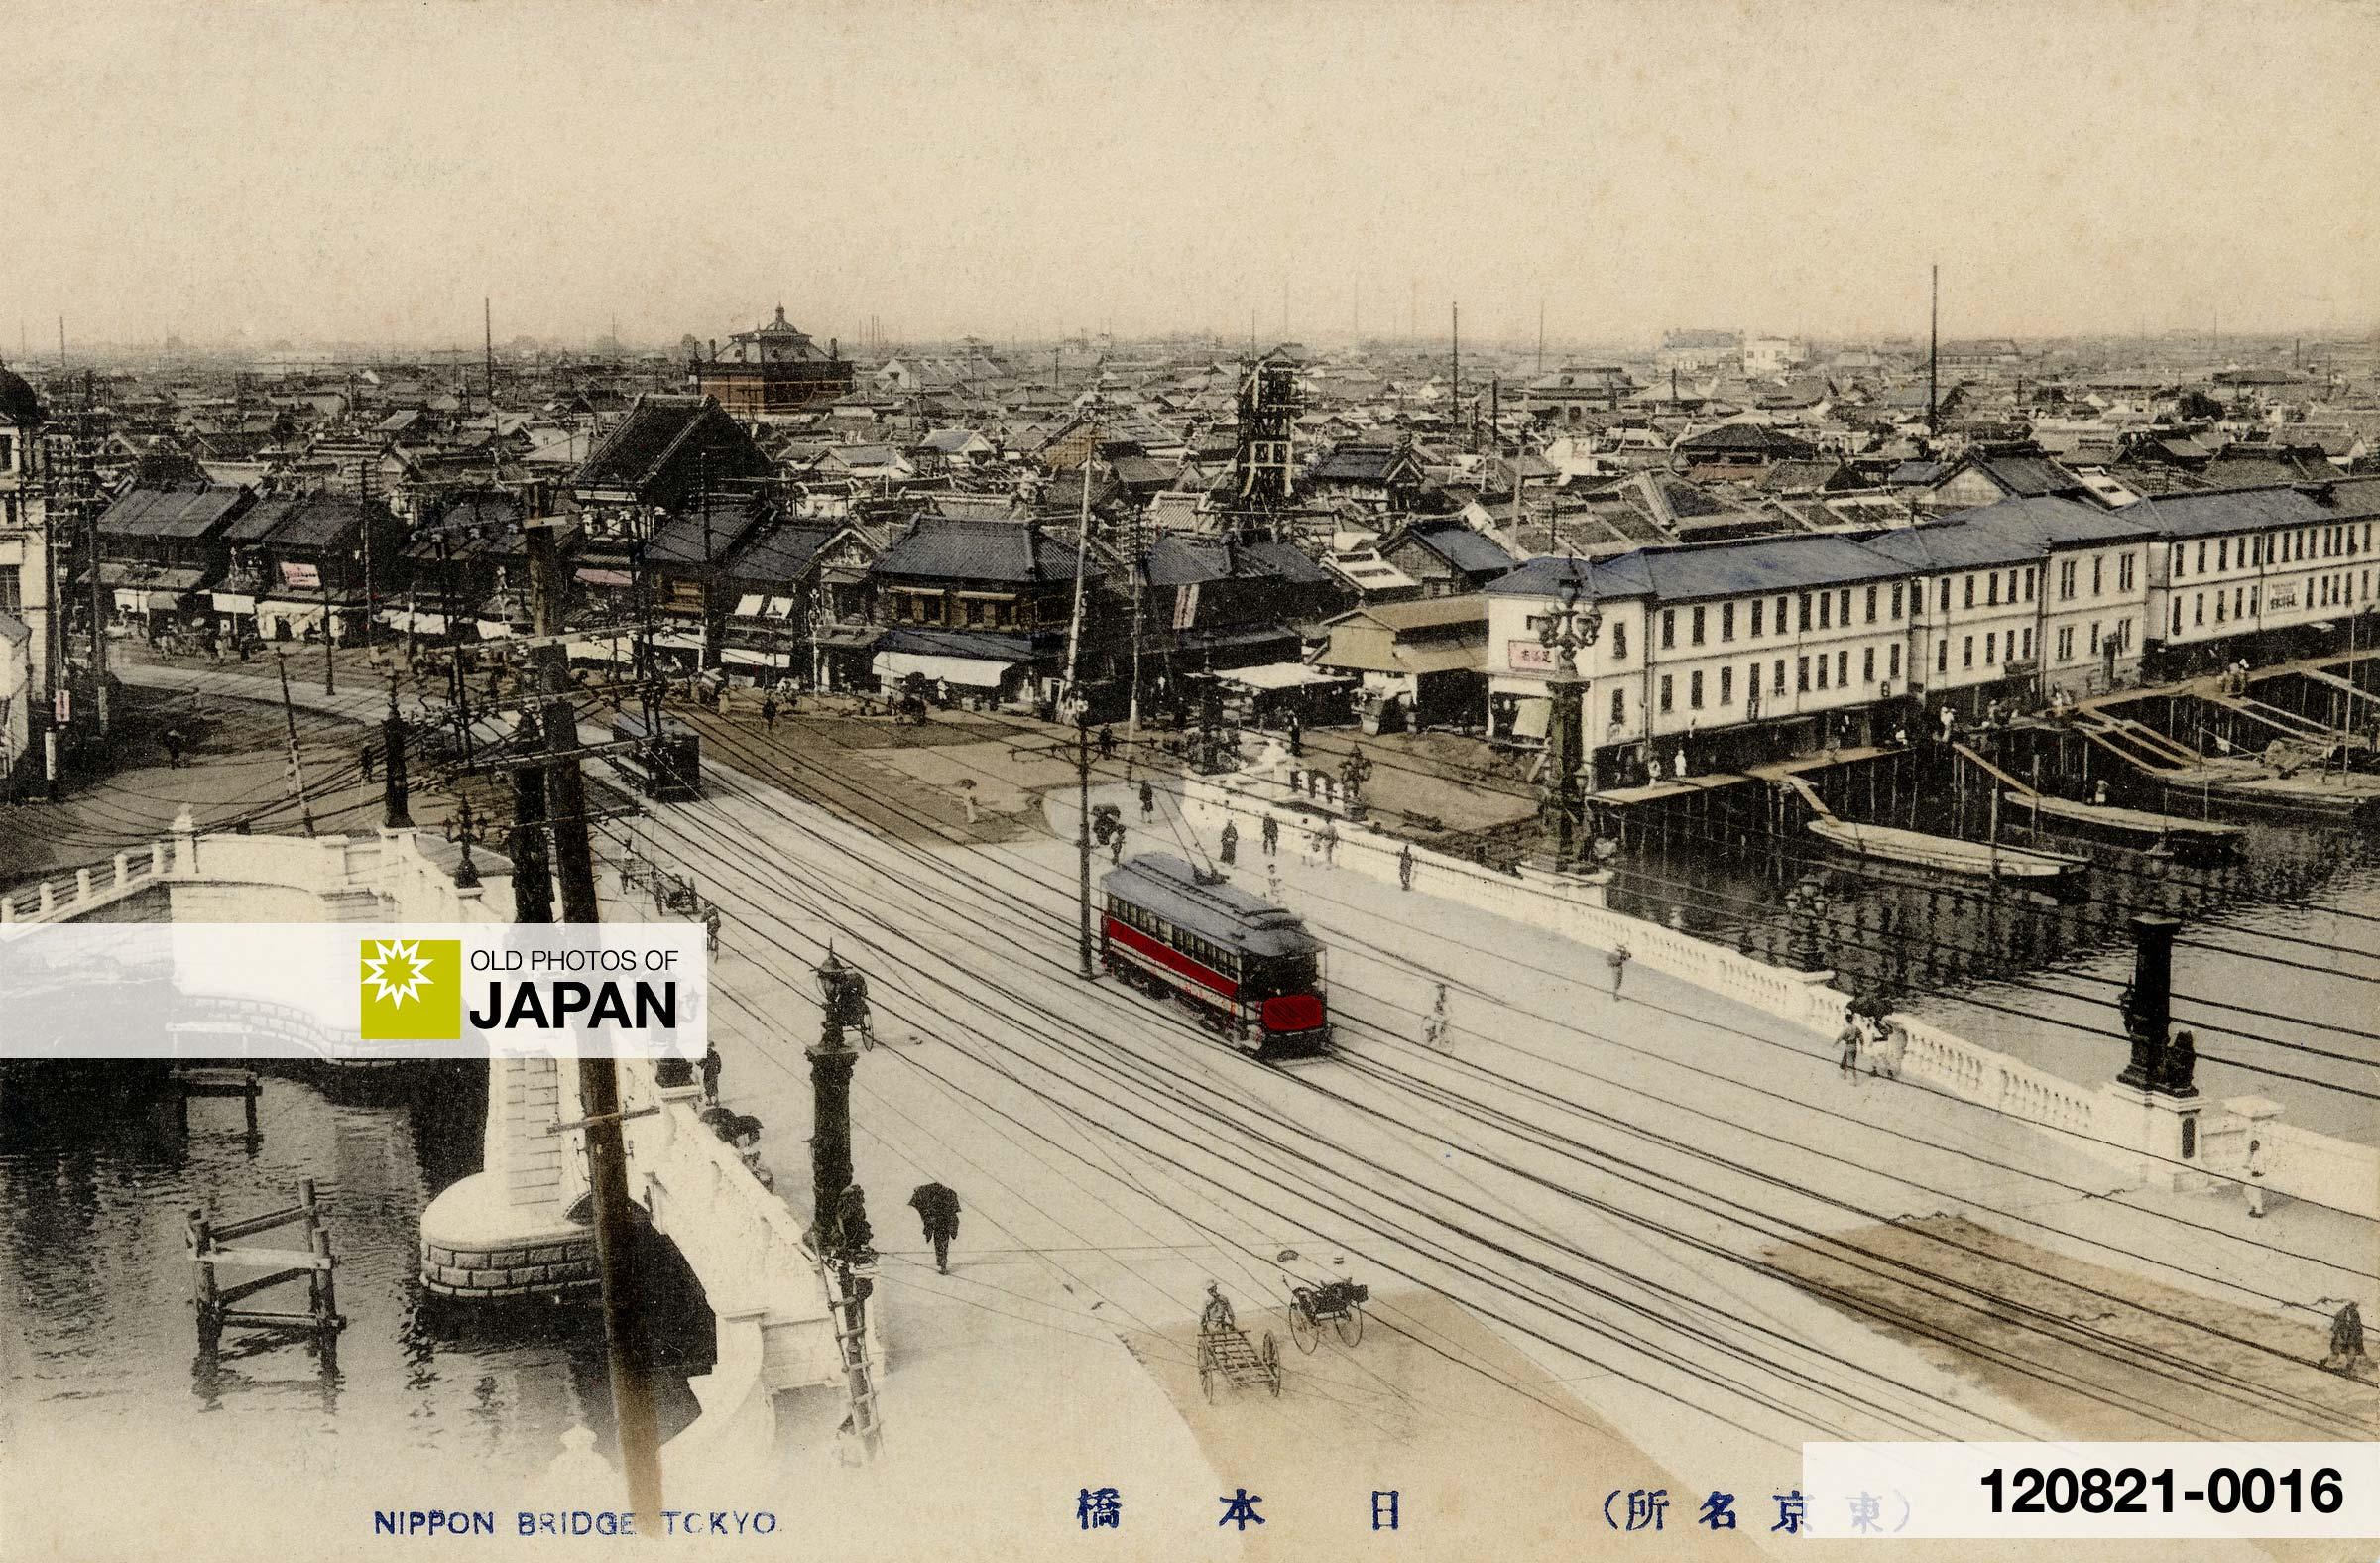 120821-0016 - Nihonbashi, Tokyo